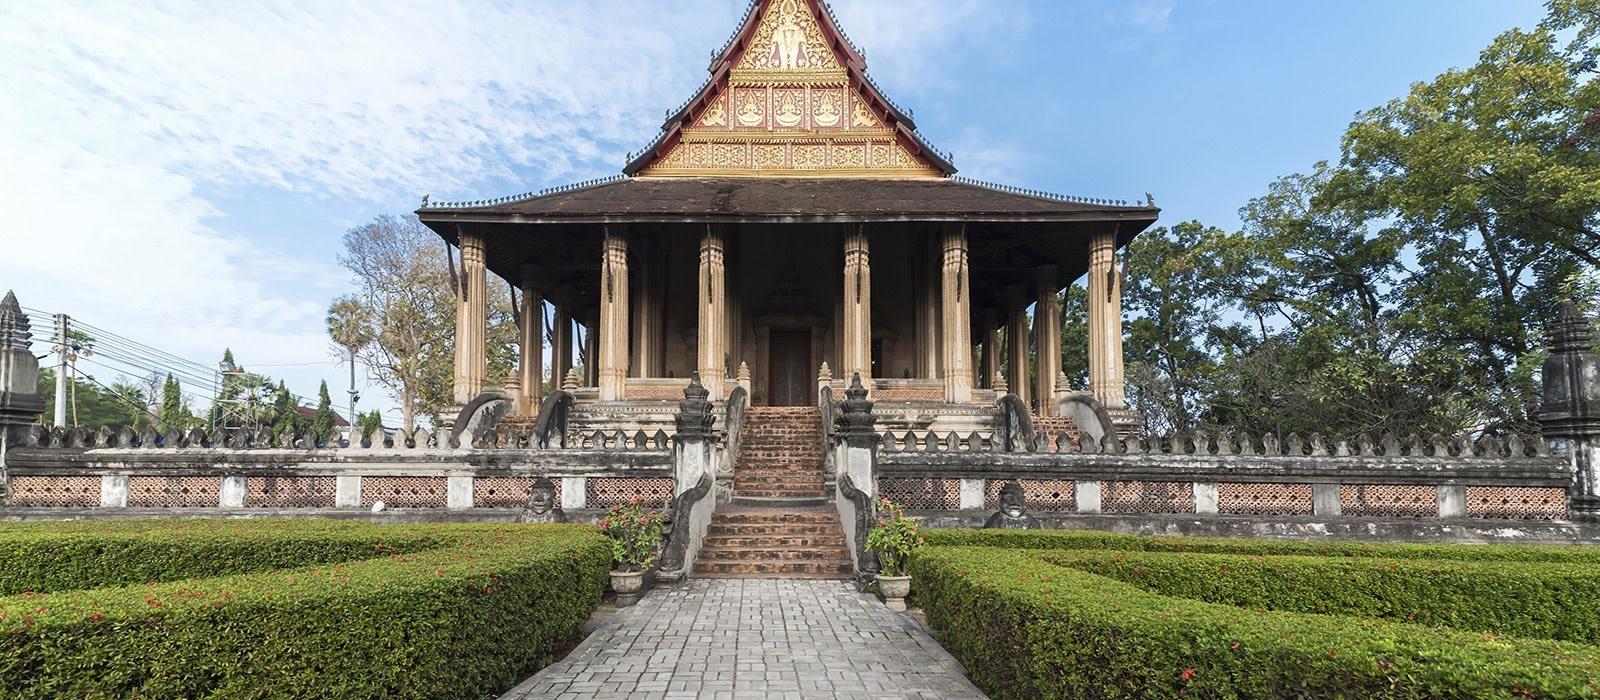 Kulturschätze Südostasiens – Laos und Kambodscha Rundreise Urlaub 1